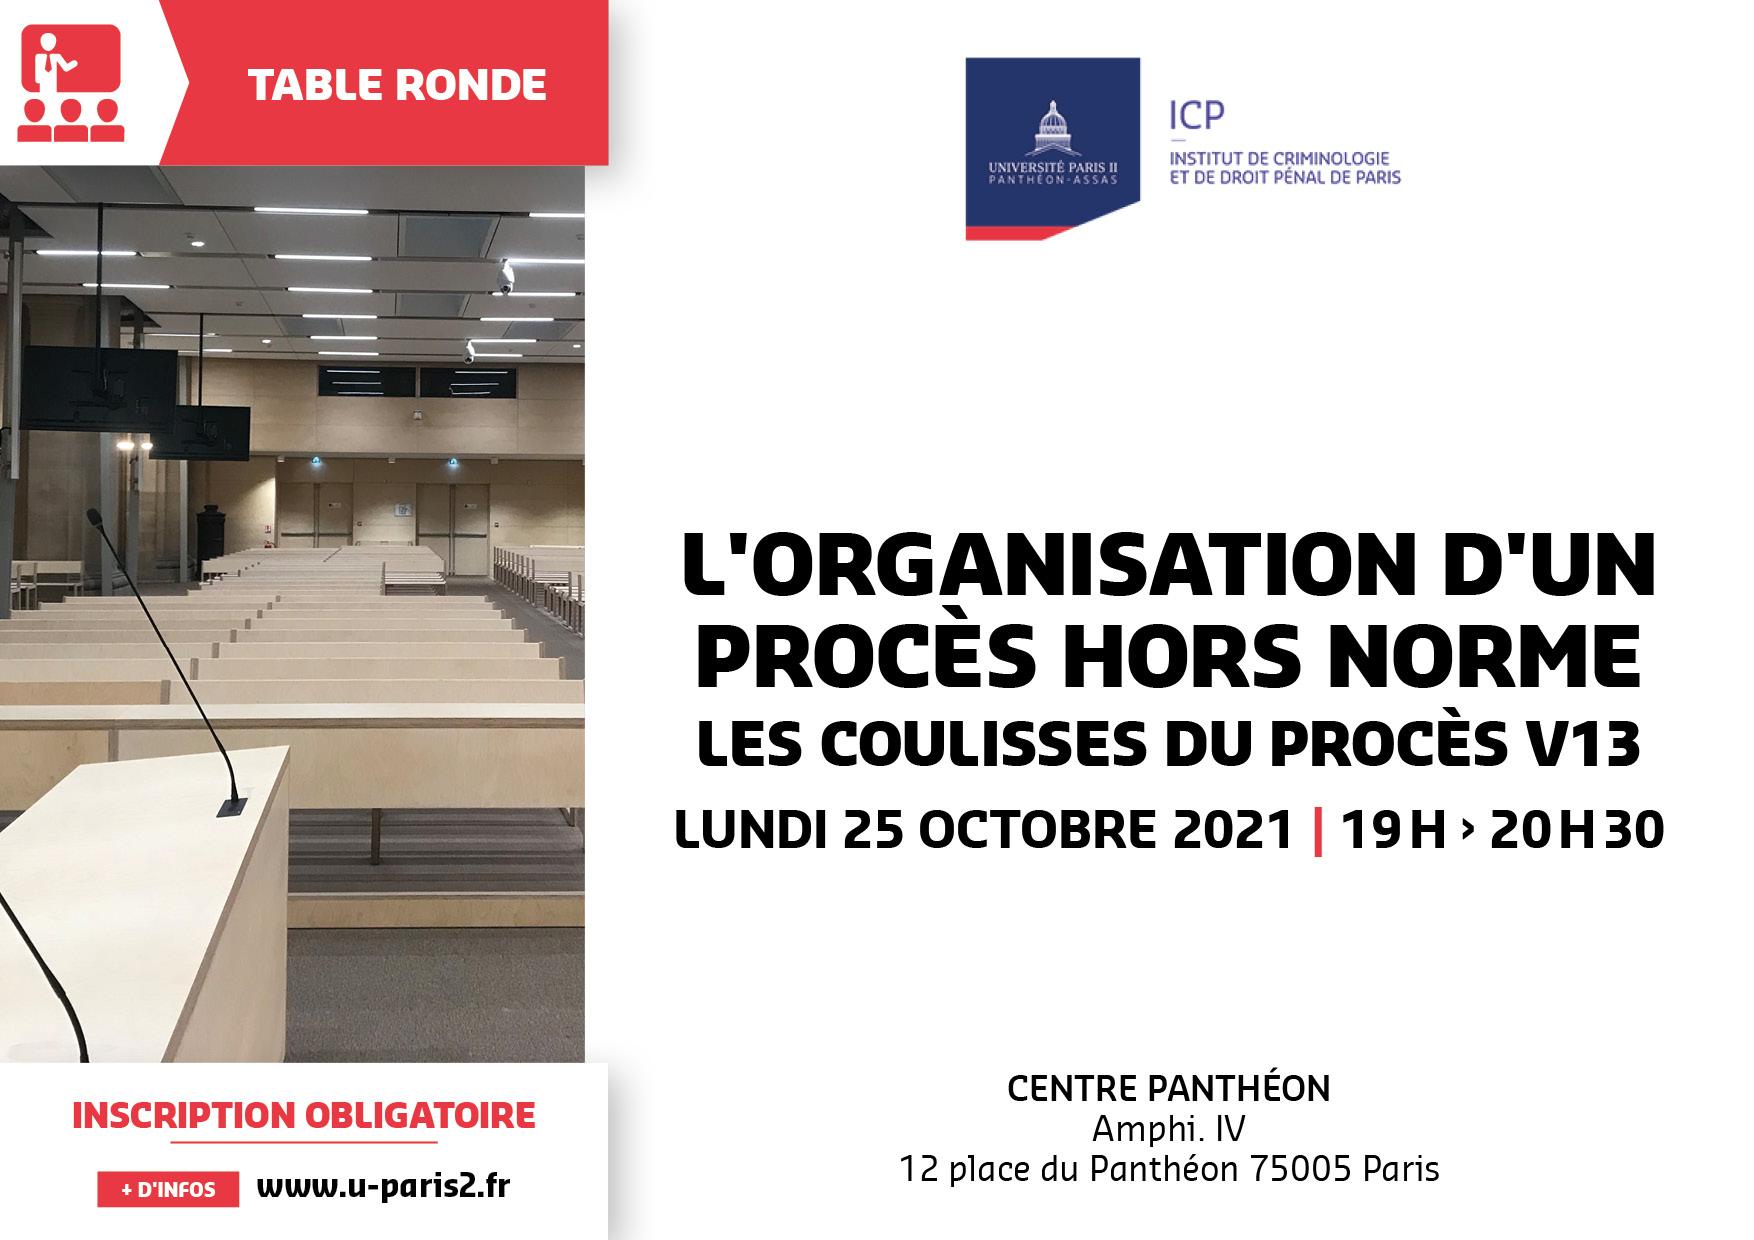 Affiche de la table ronde L'organisation d'un procès hors norme - Les coulisses du procès V13